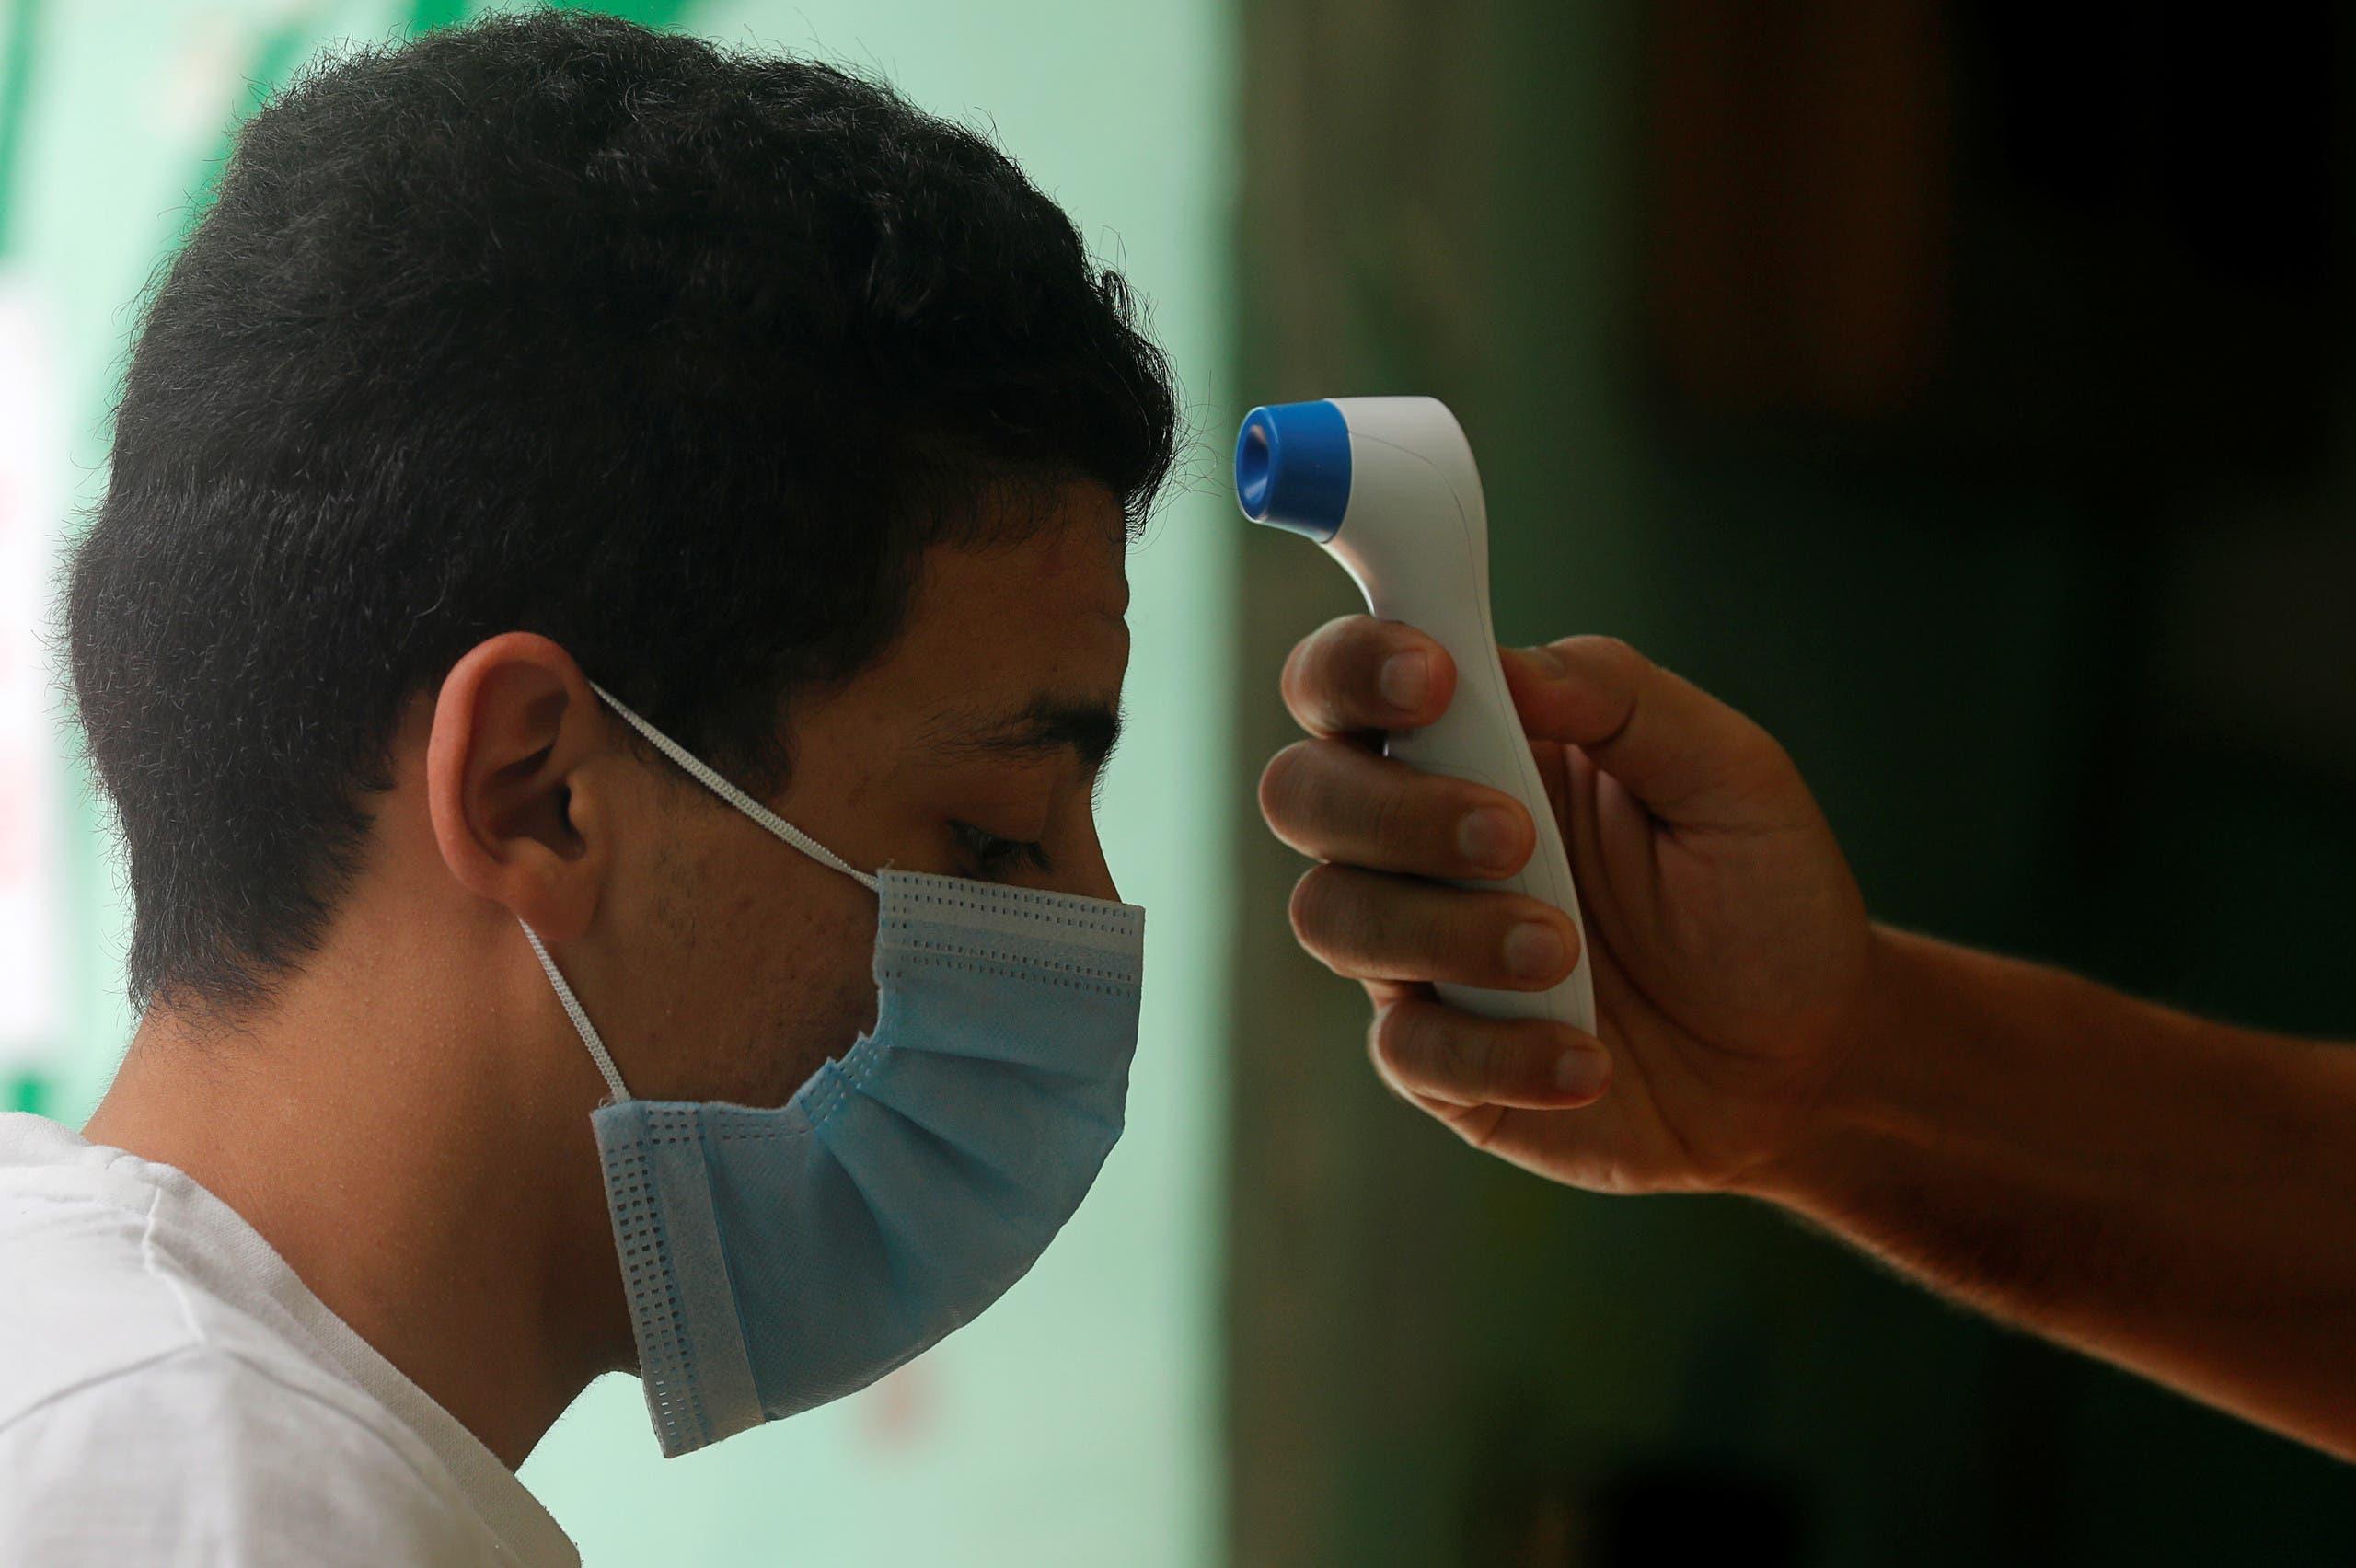 فحص حرارة الطلاب في إحدى مدارس القاهرة خلال الامتحانات الثانوية في يونيو الماضي